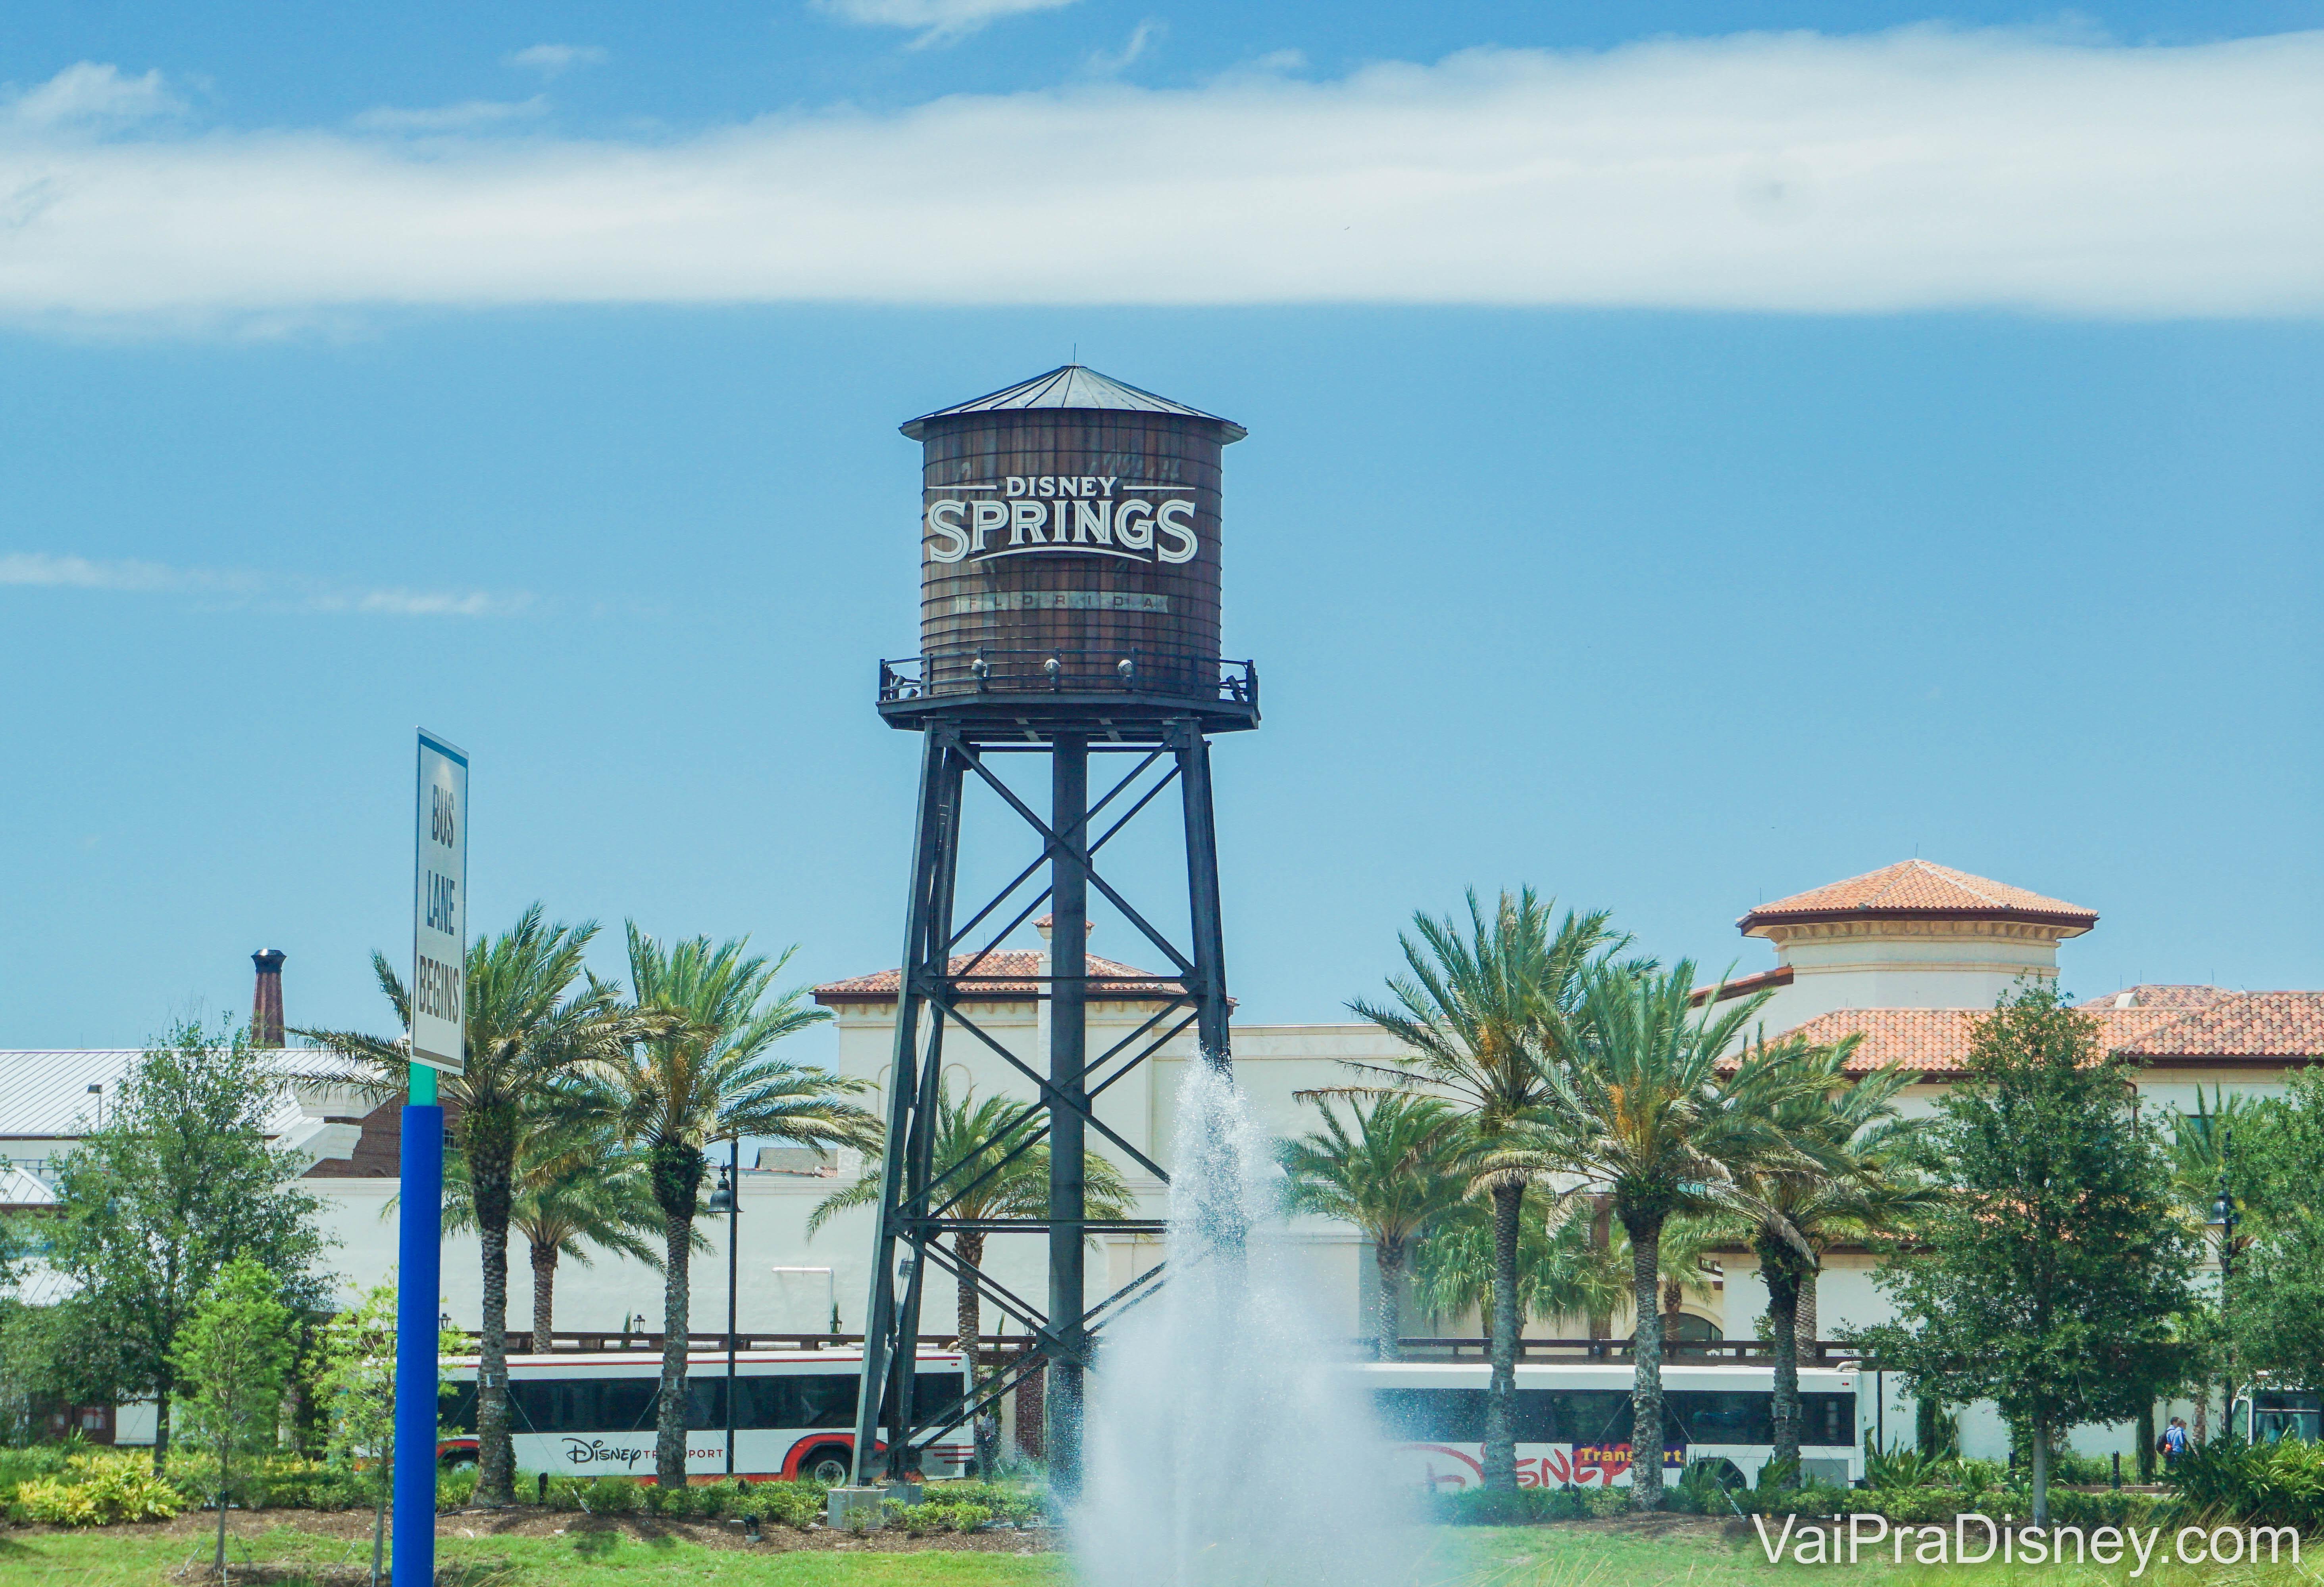 Imagem da caixa d'água com o logo de Disney Springs, com árvores ao redor e o céu azul atrás.